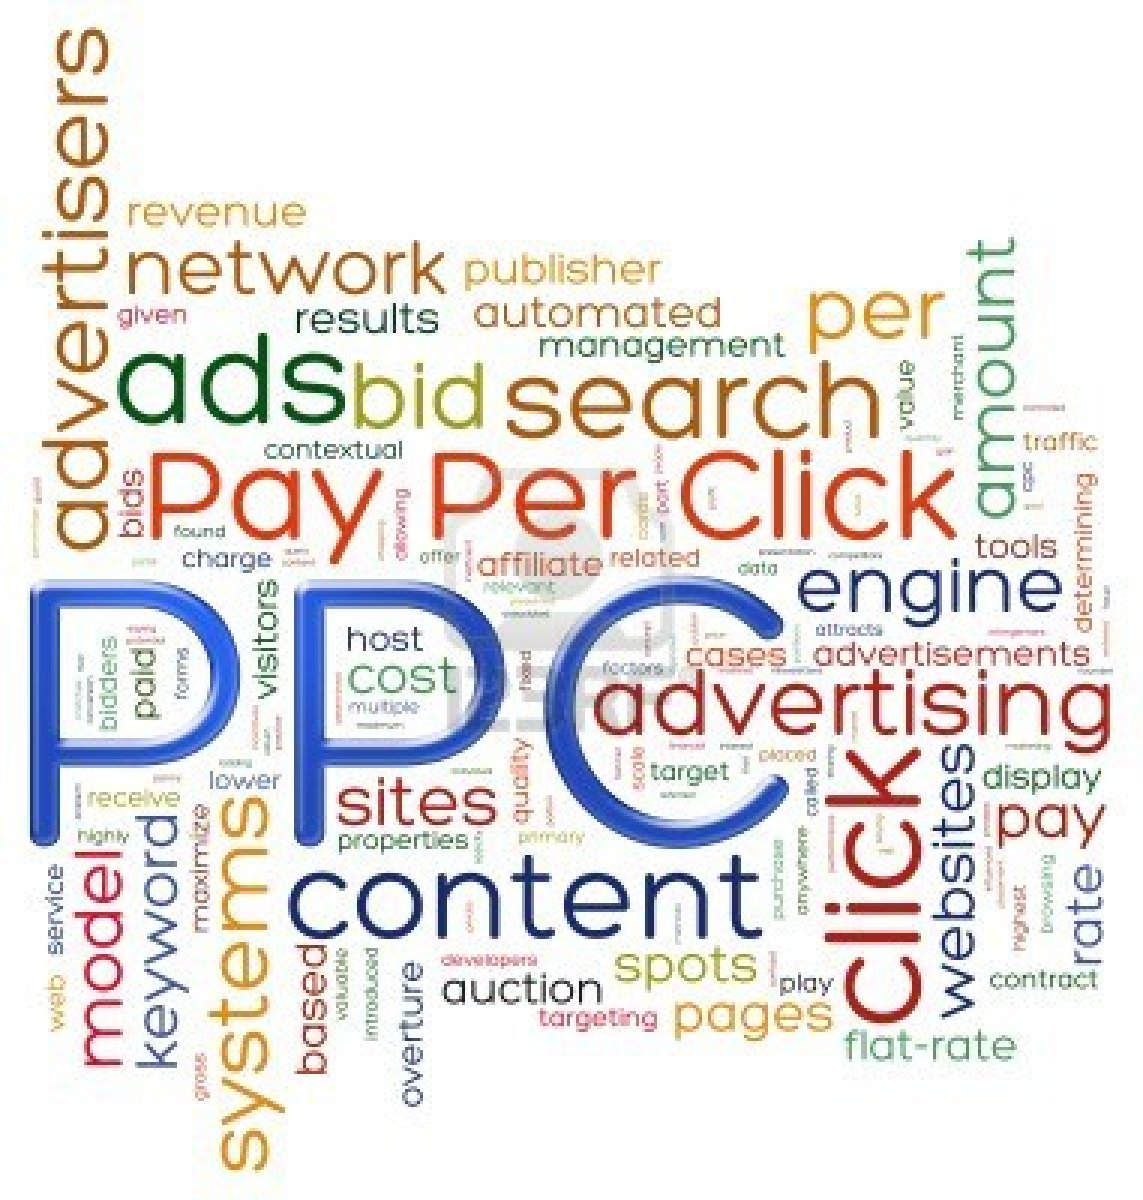 7 способов «слить» бюджет на контекстную рекламу